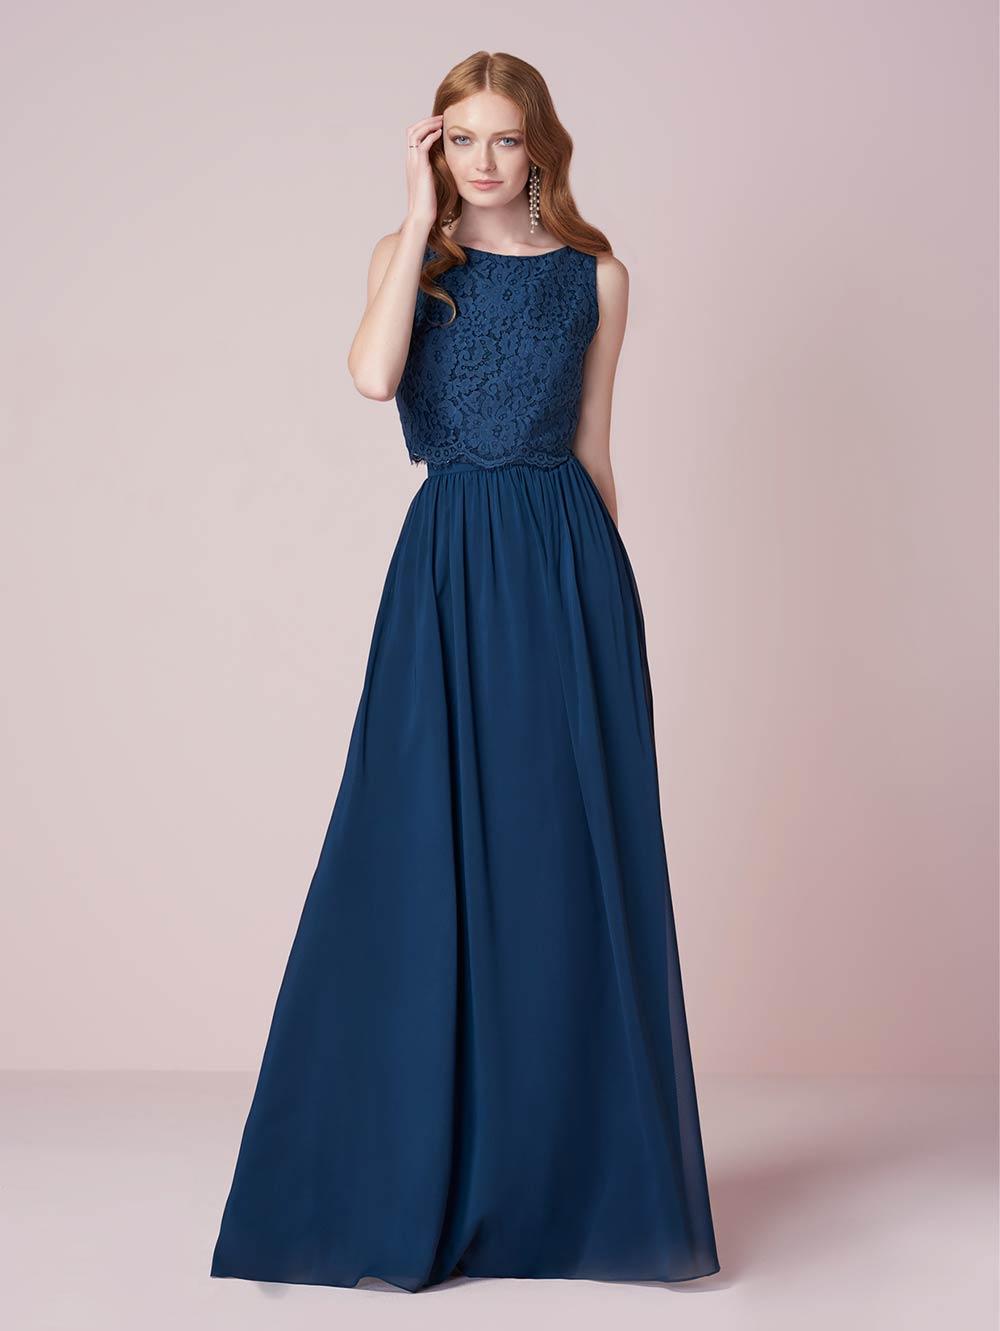 bridesmaid-dresses-jacquelin-bridals-canada-27762